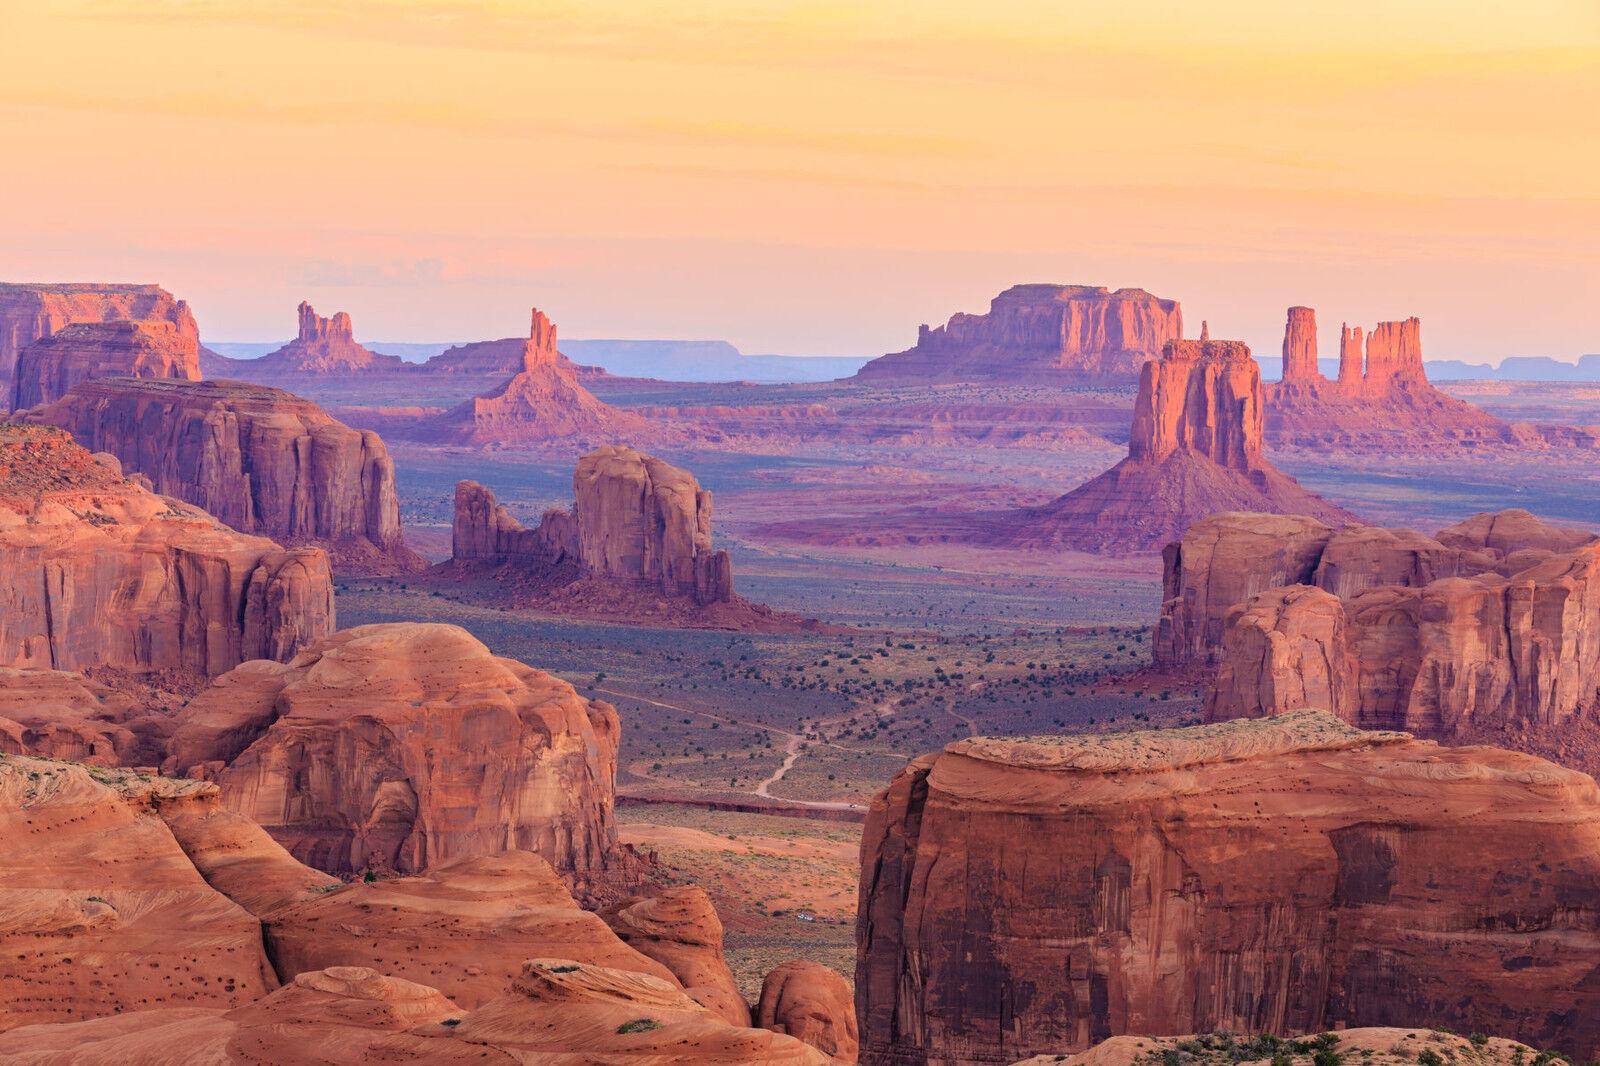 Papier Peint Photo INTISSé-(68V) HUNTS MESA-350x260cm 7lés-Mural-Monument Valley